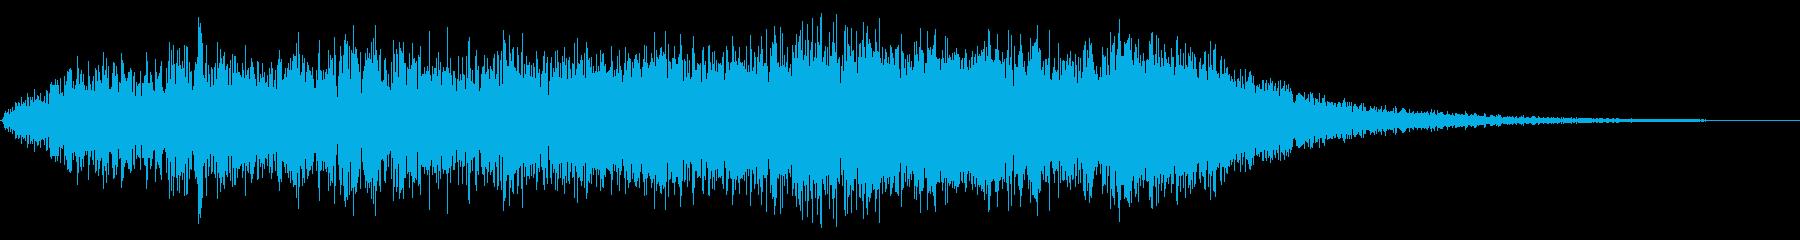 オールドタイムシンセスペースシップ...の再生済みの波形